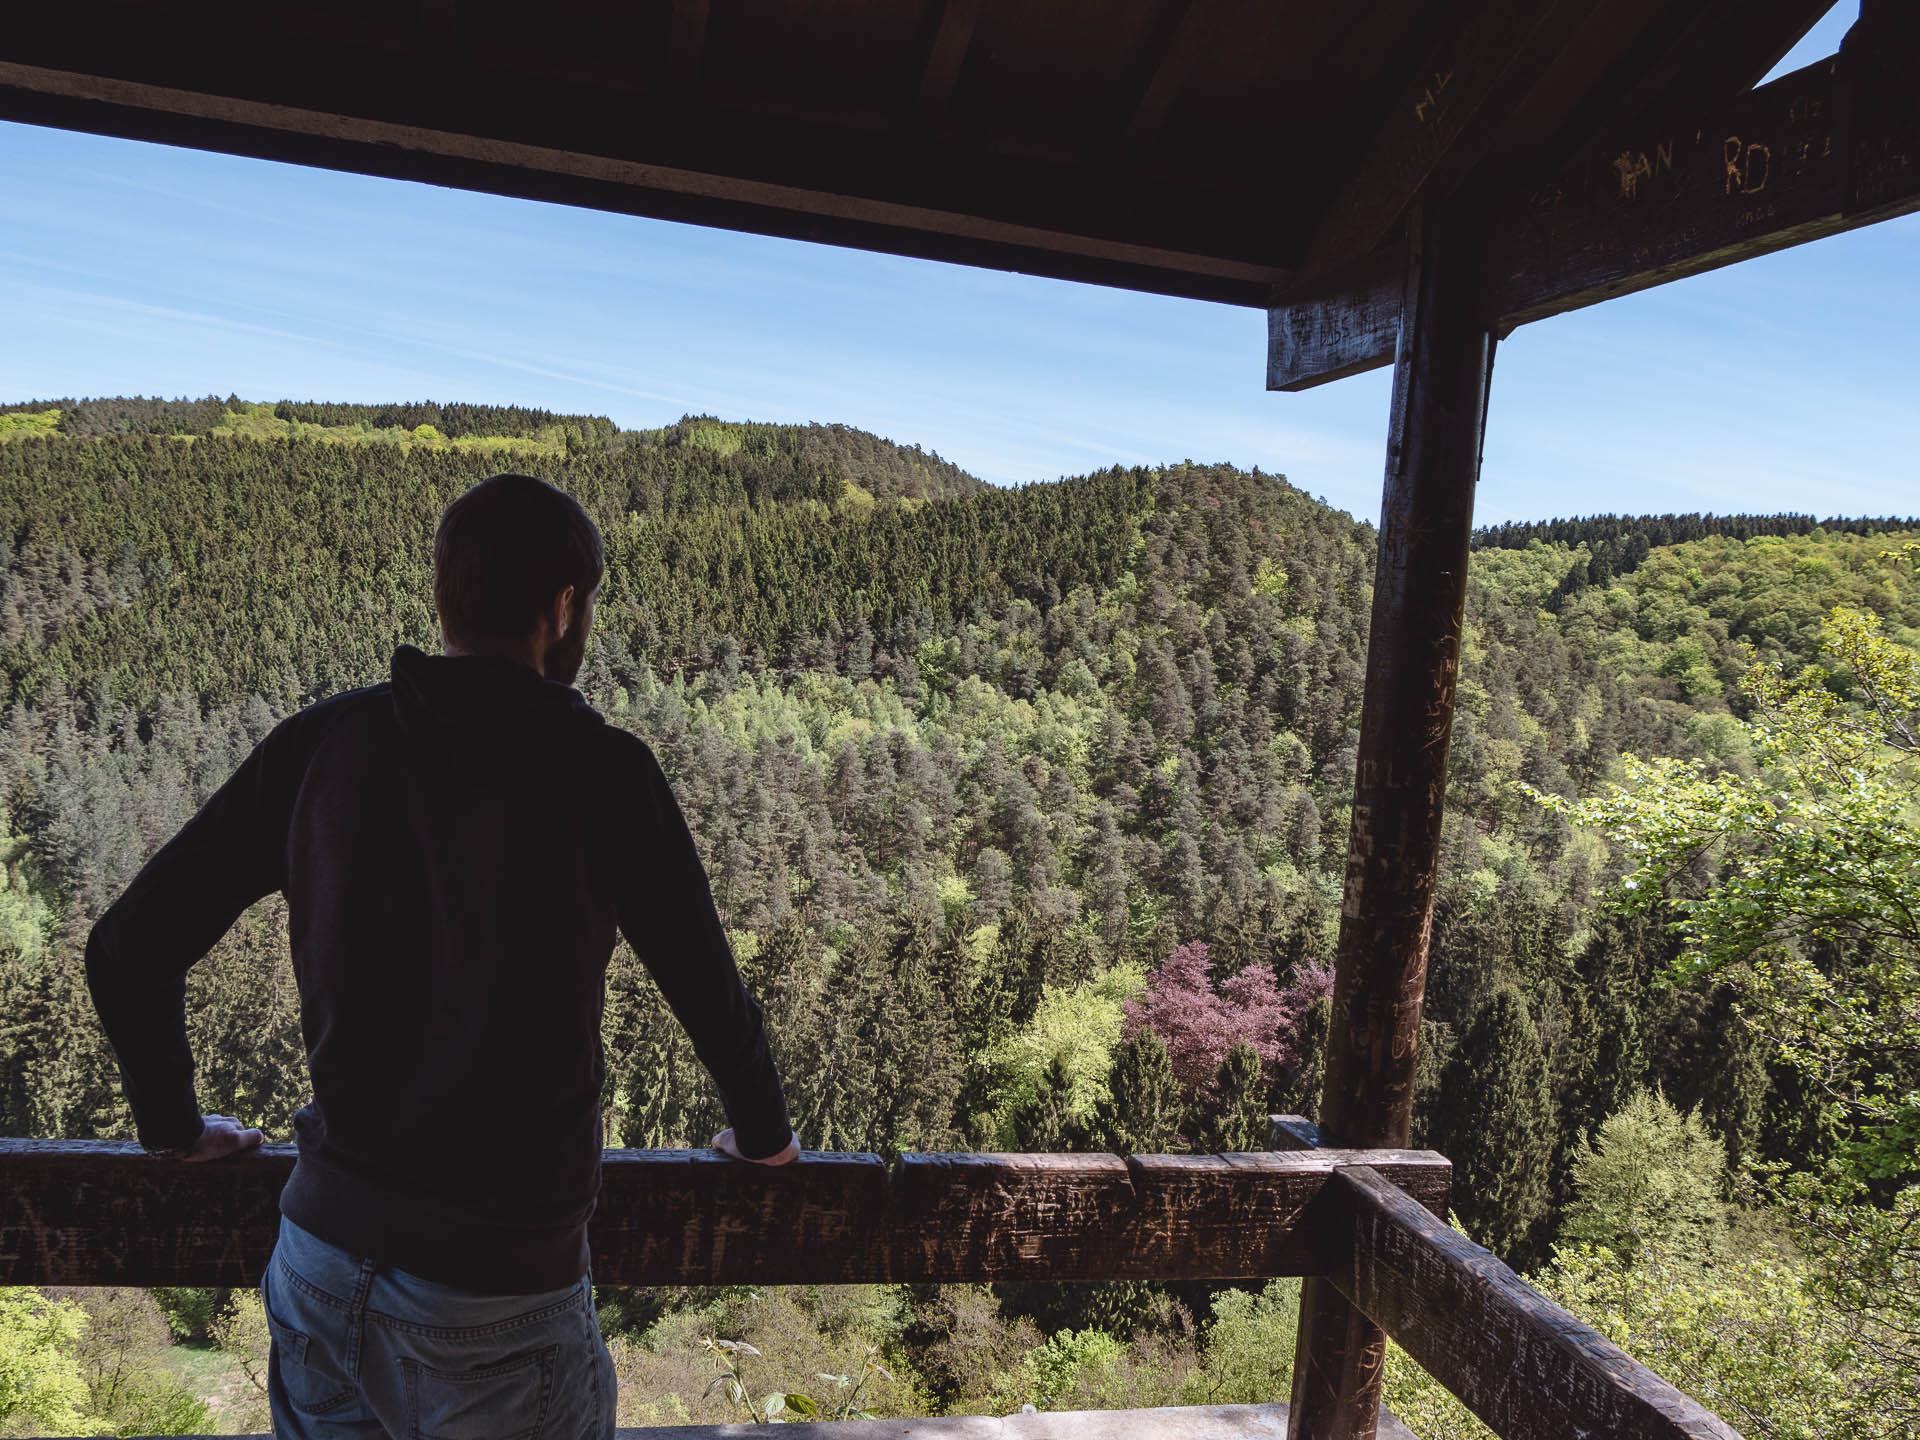 Ninglinspo belvédère - Les globe blogueurs - blog voyage nature